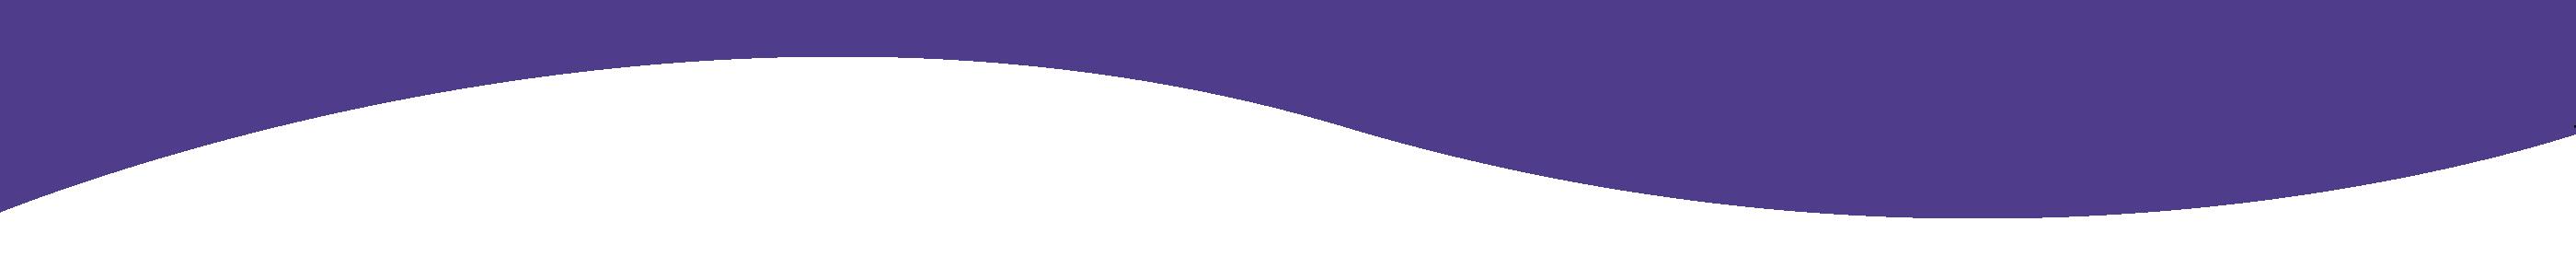 Forma de onda purpura para el diseño del sitio web